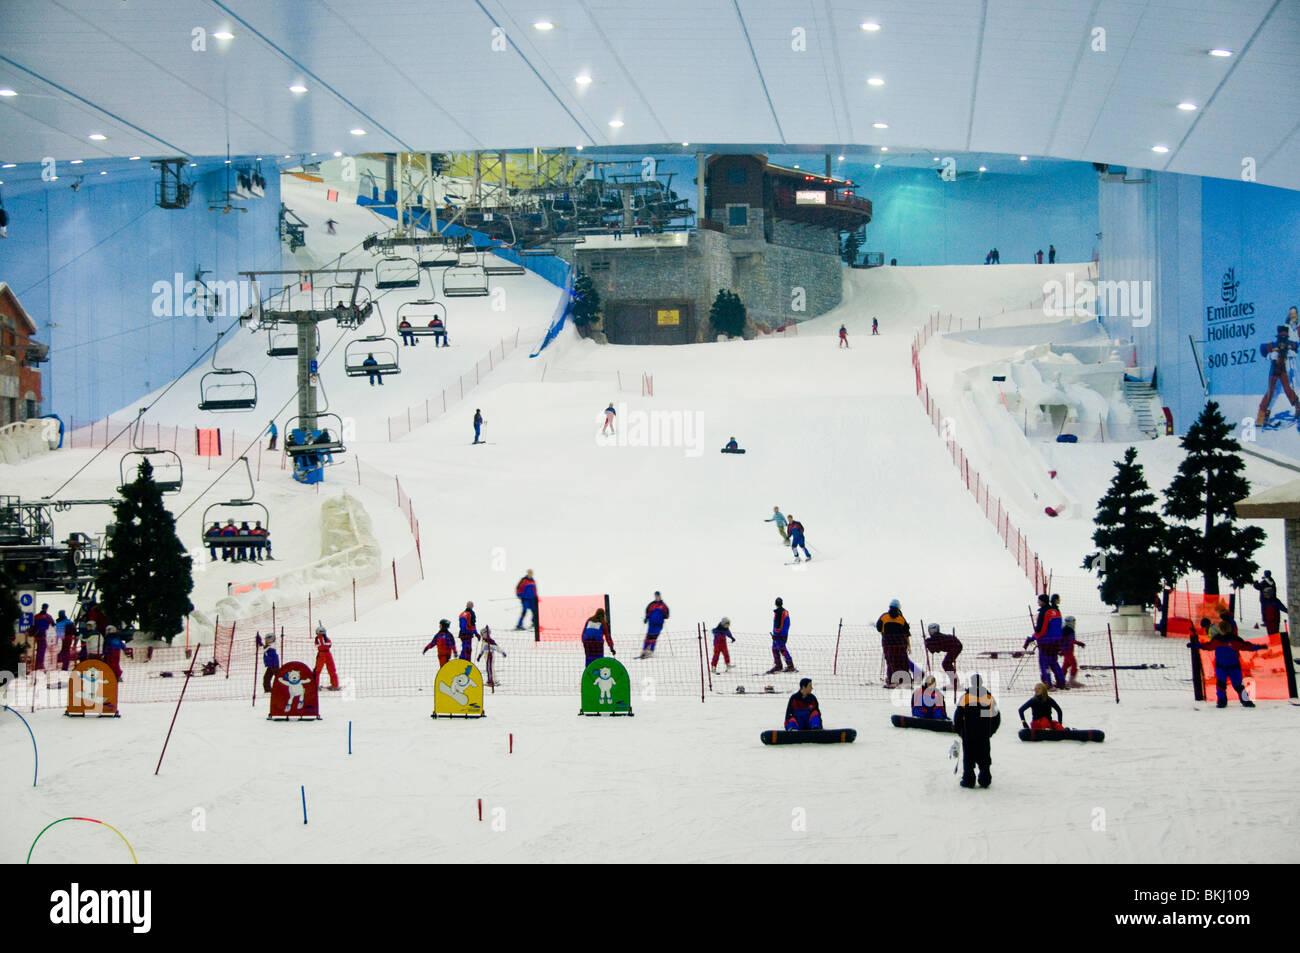 people ski-ing at ski dubai indoor ski slope in dubai stock photo